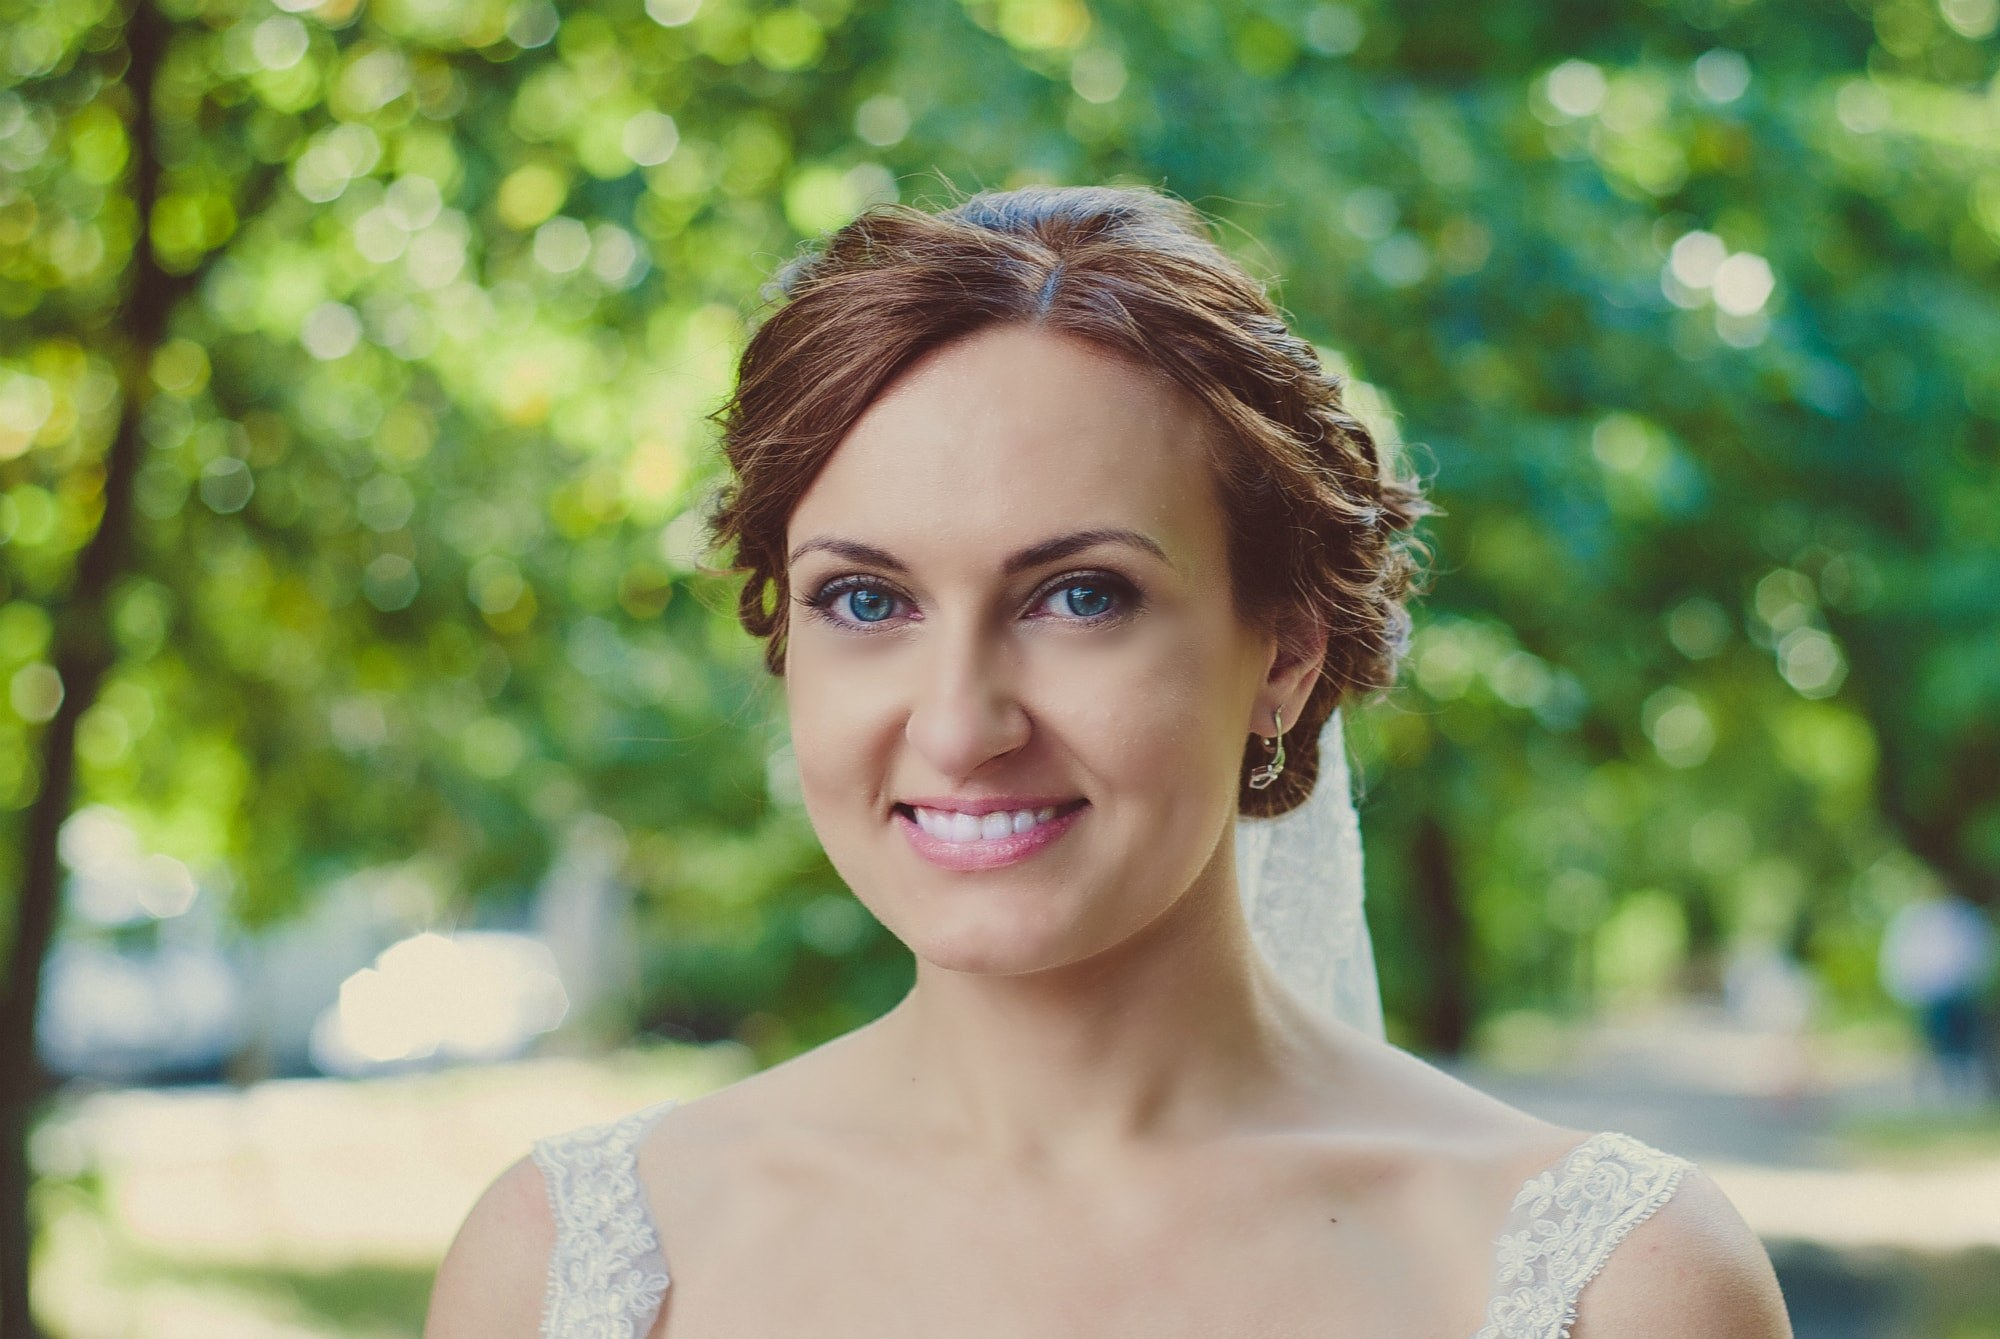 Яркая невеста в парке - Фотограф Киев - Женя Лайт